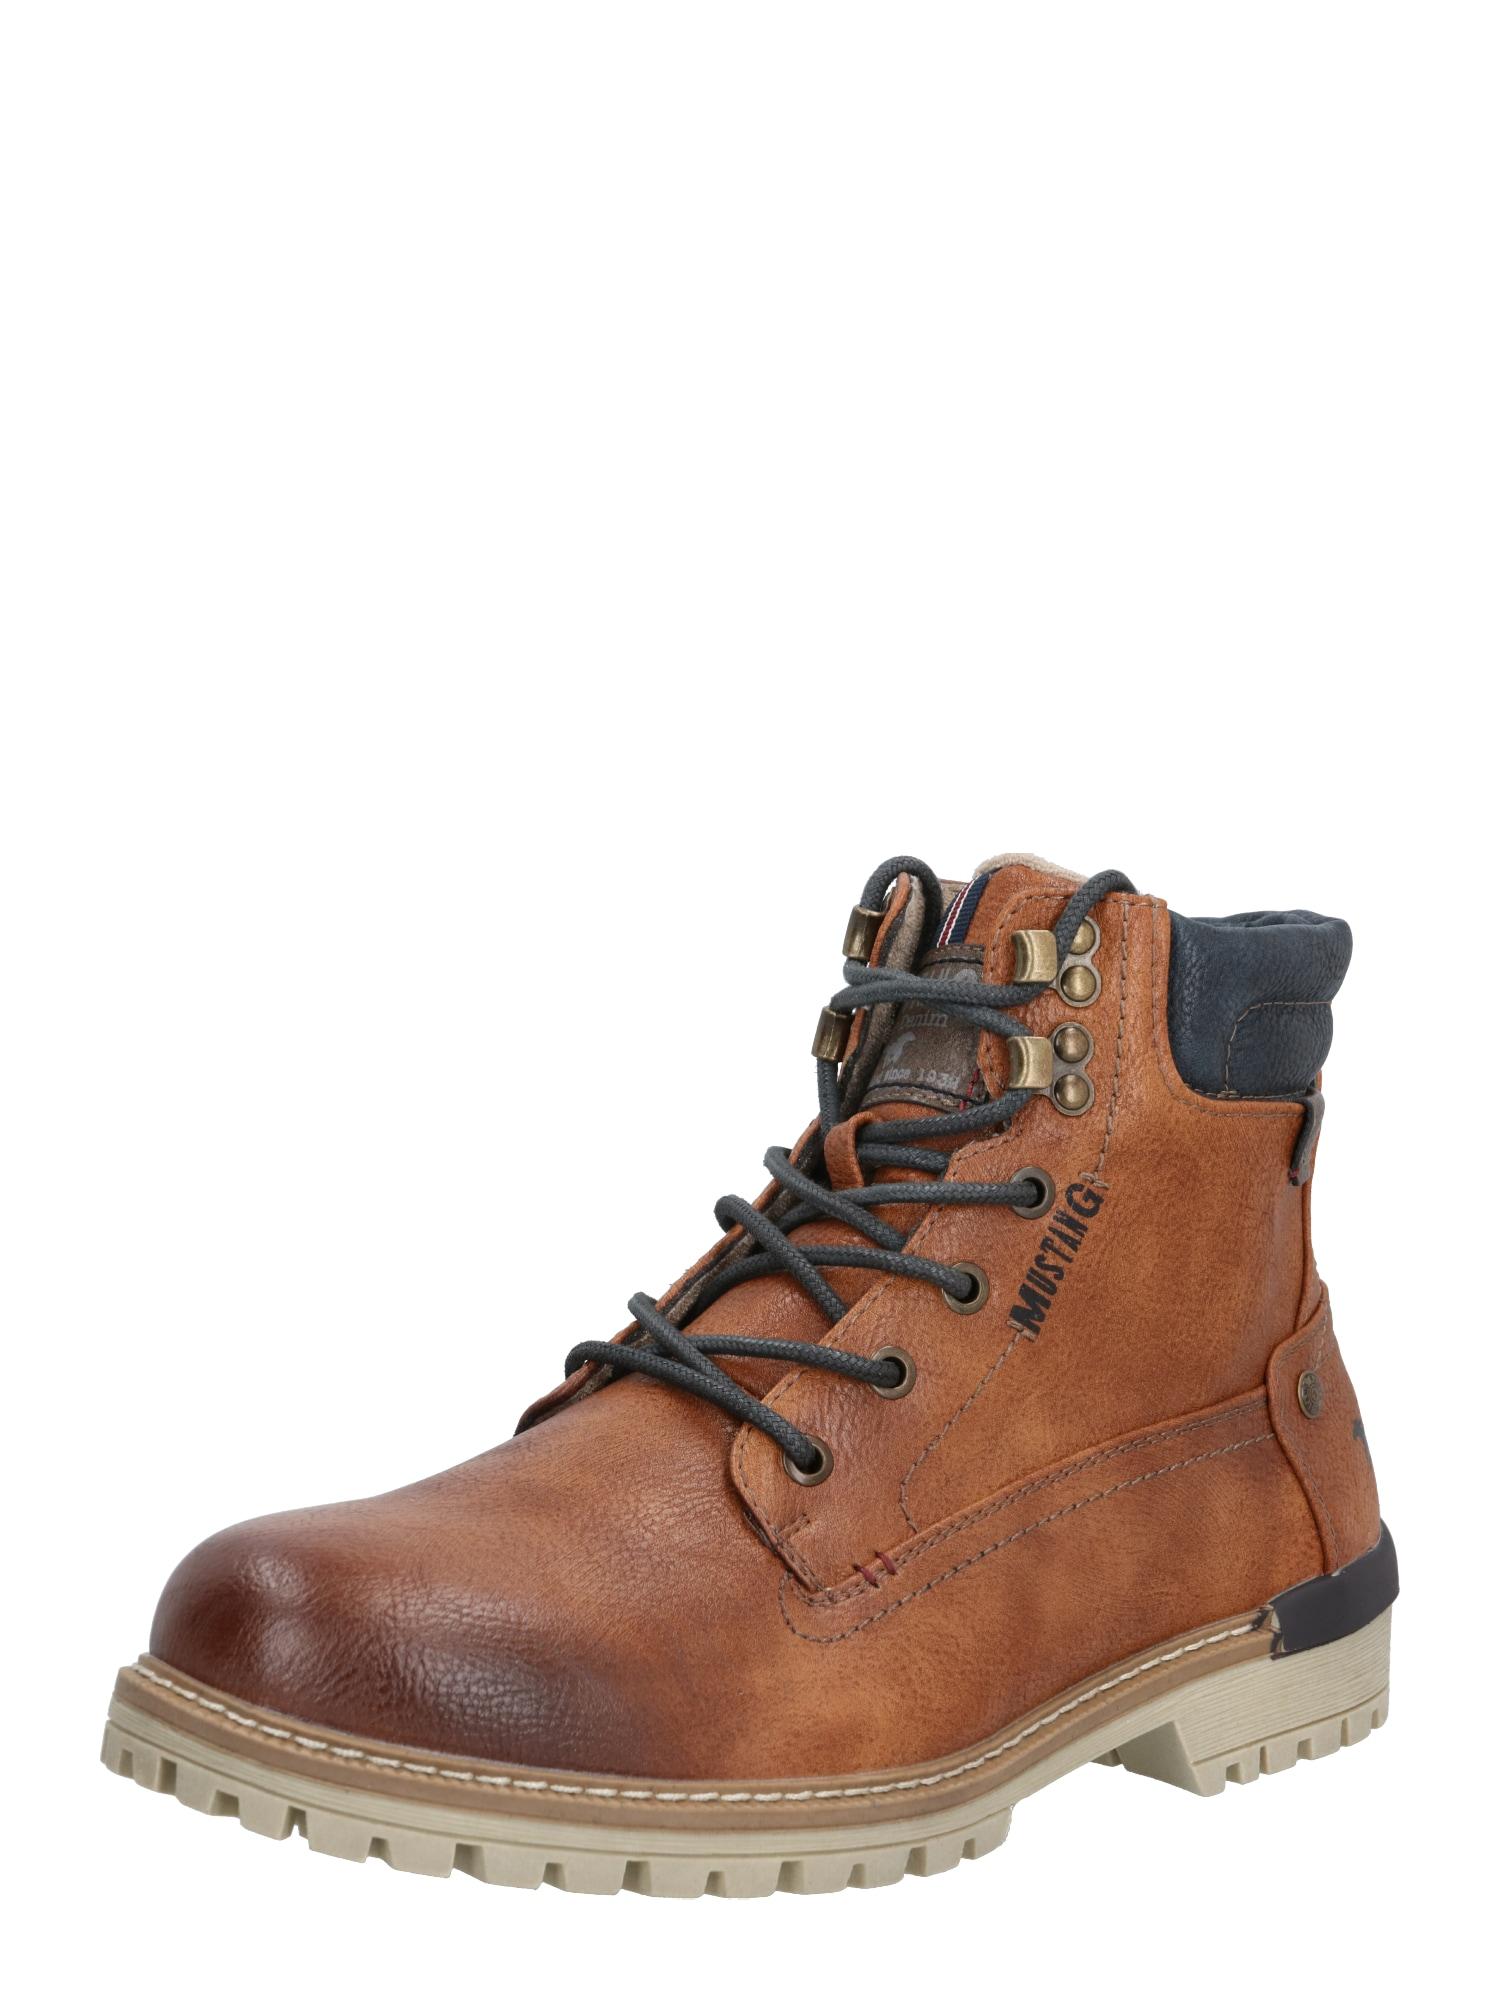 MUSTANG Auliniai batai su raišteliais ruda (konjako) / juoda